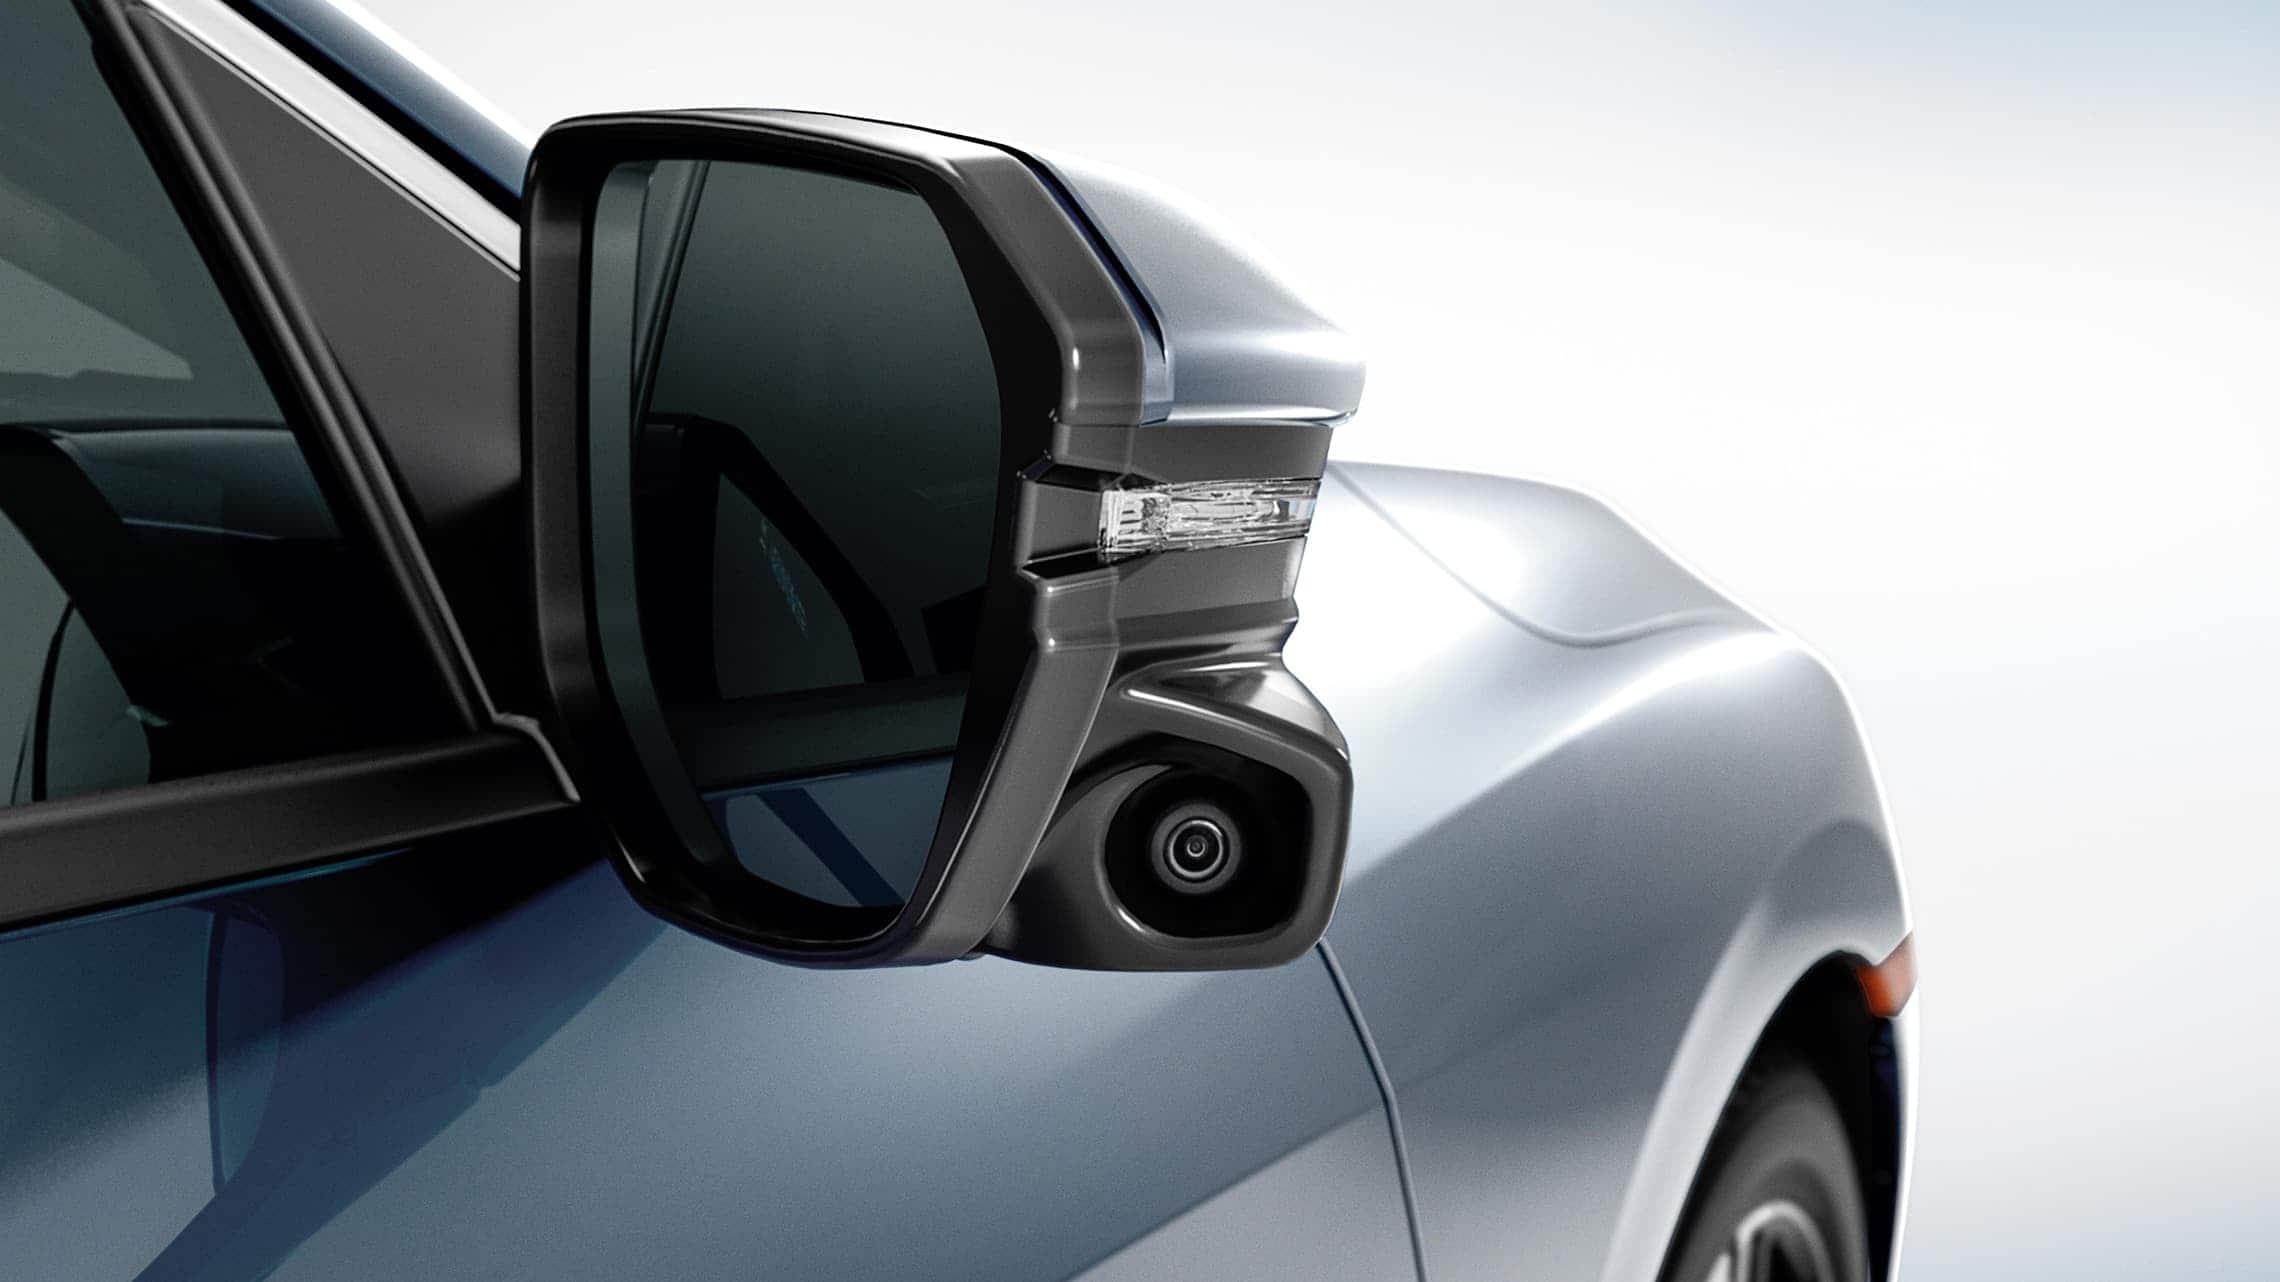 Detalle de la cámara Honda LaneWatch™ en el espejo del lado del pasajero del Honda Civic Touring Sedán2020 en Cosmic Blue Metallic.